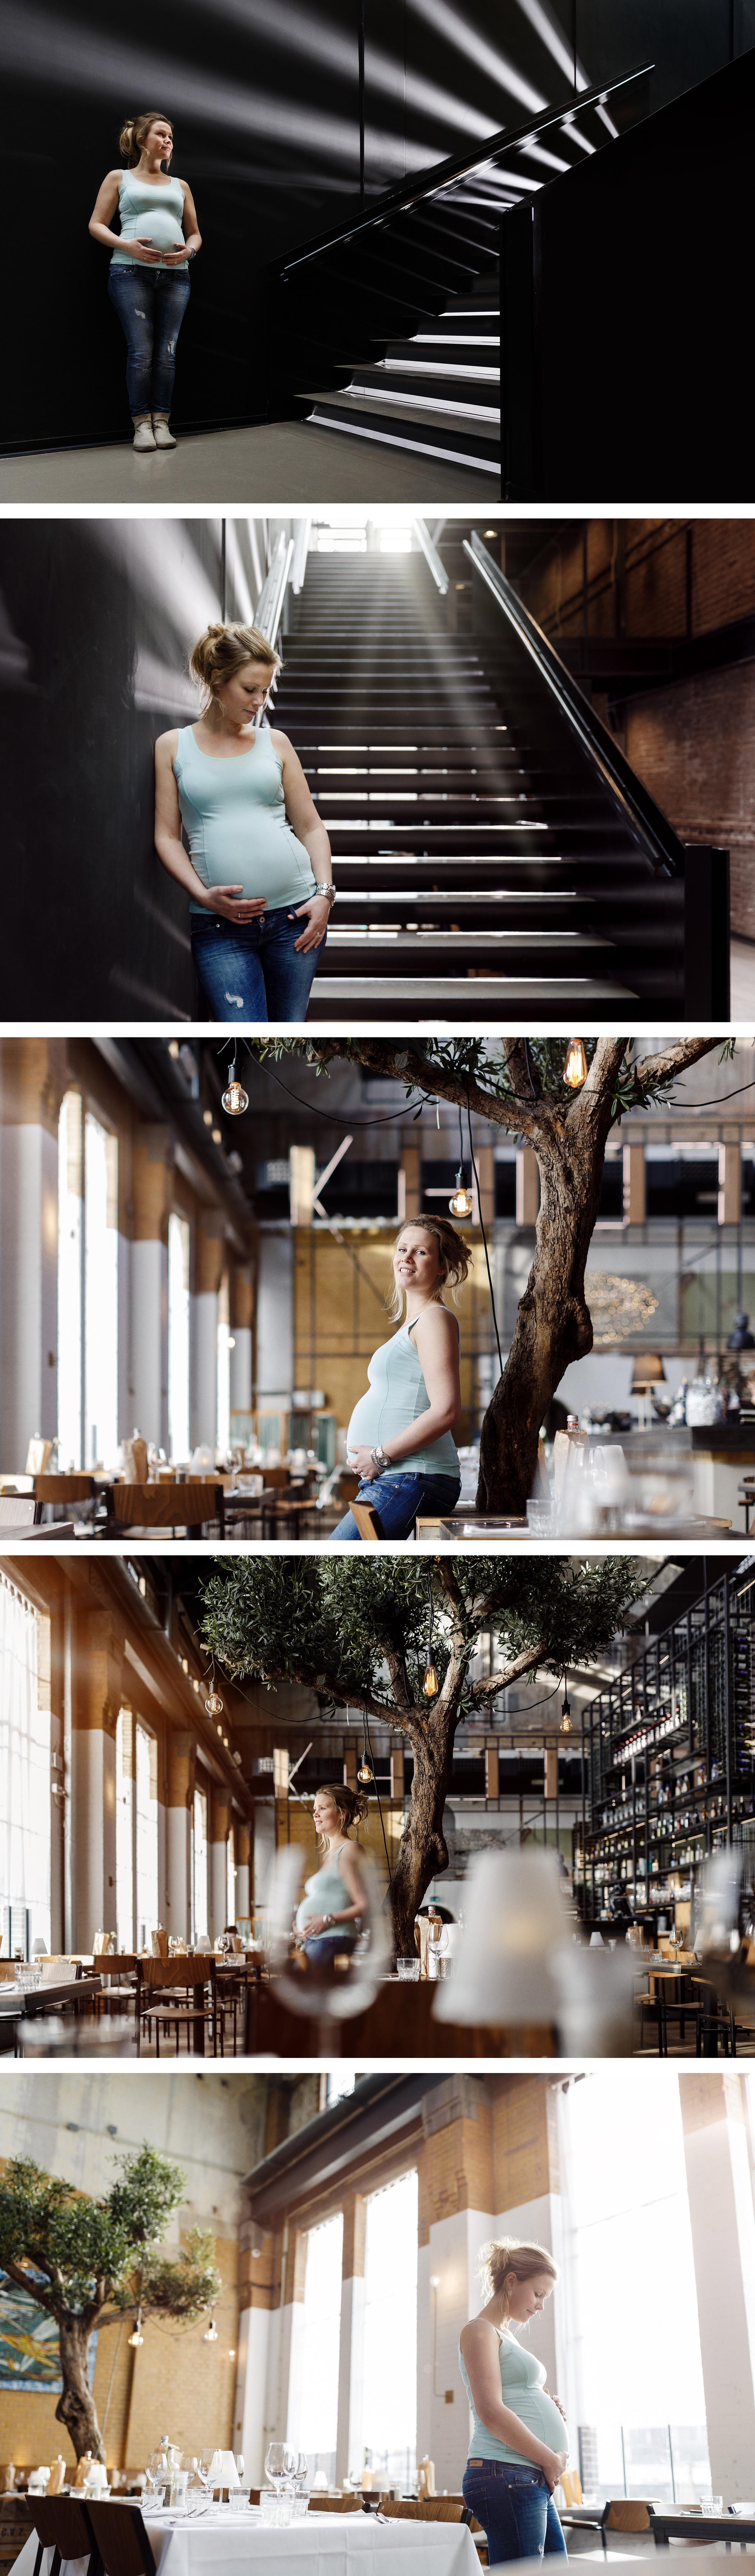 zwangerschaps-fotoshoot-dordrecht-2.jpg